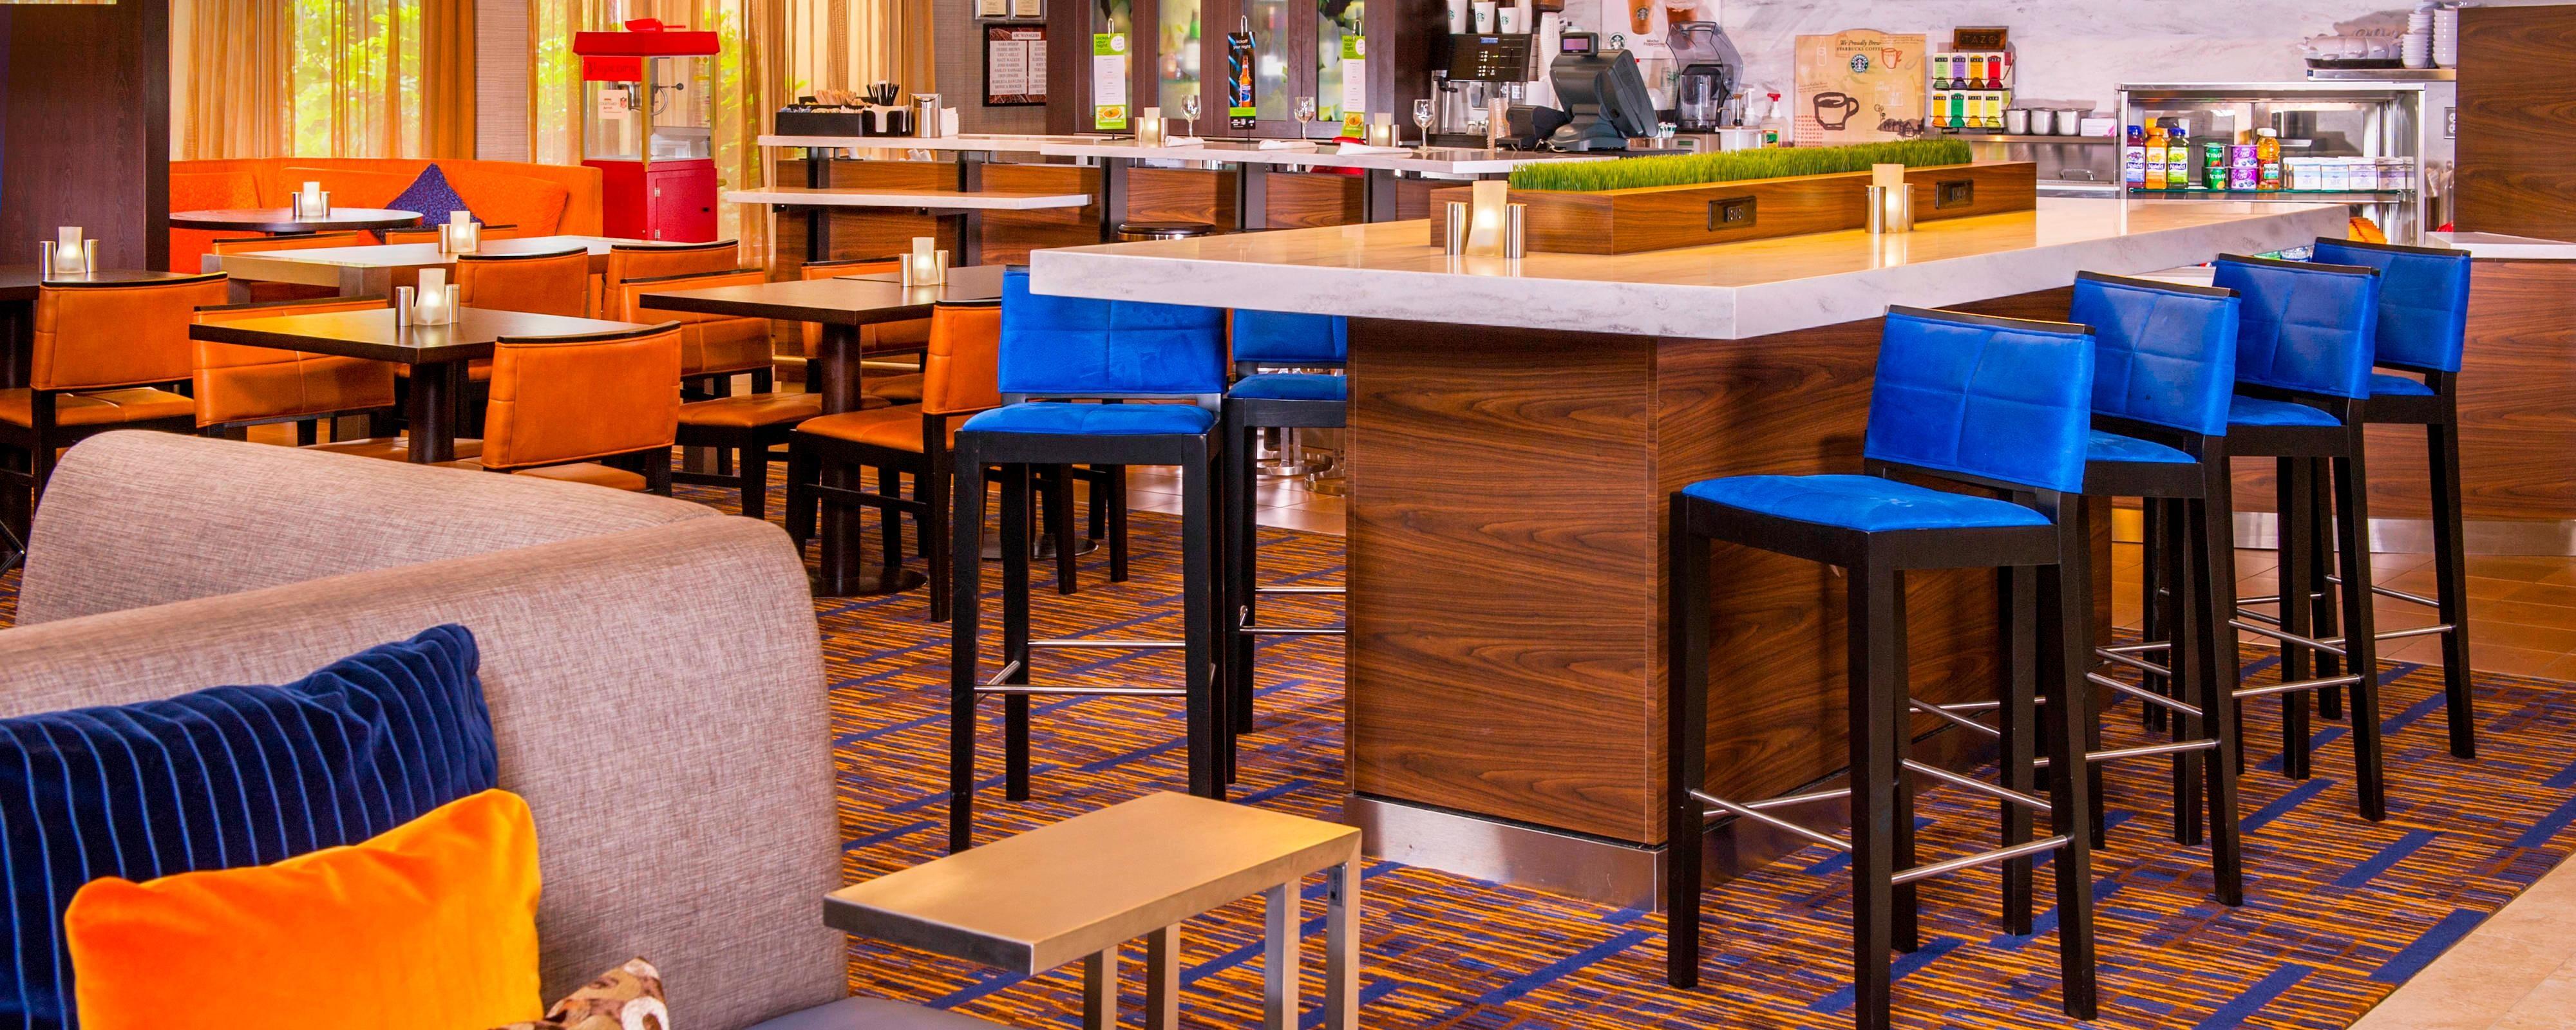 Hotel Dining In Charlottesville Va Courtyard Charlottesville